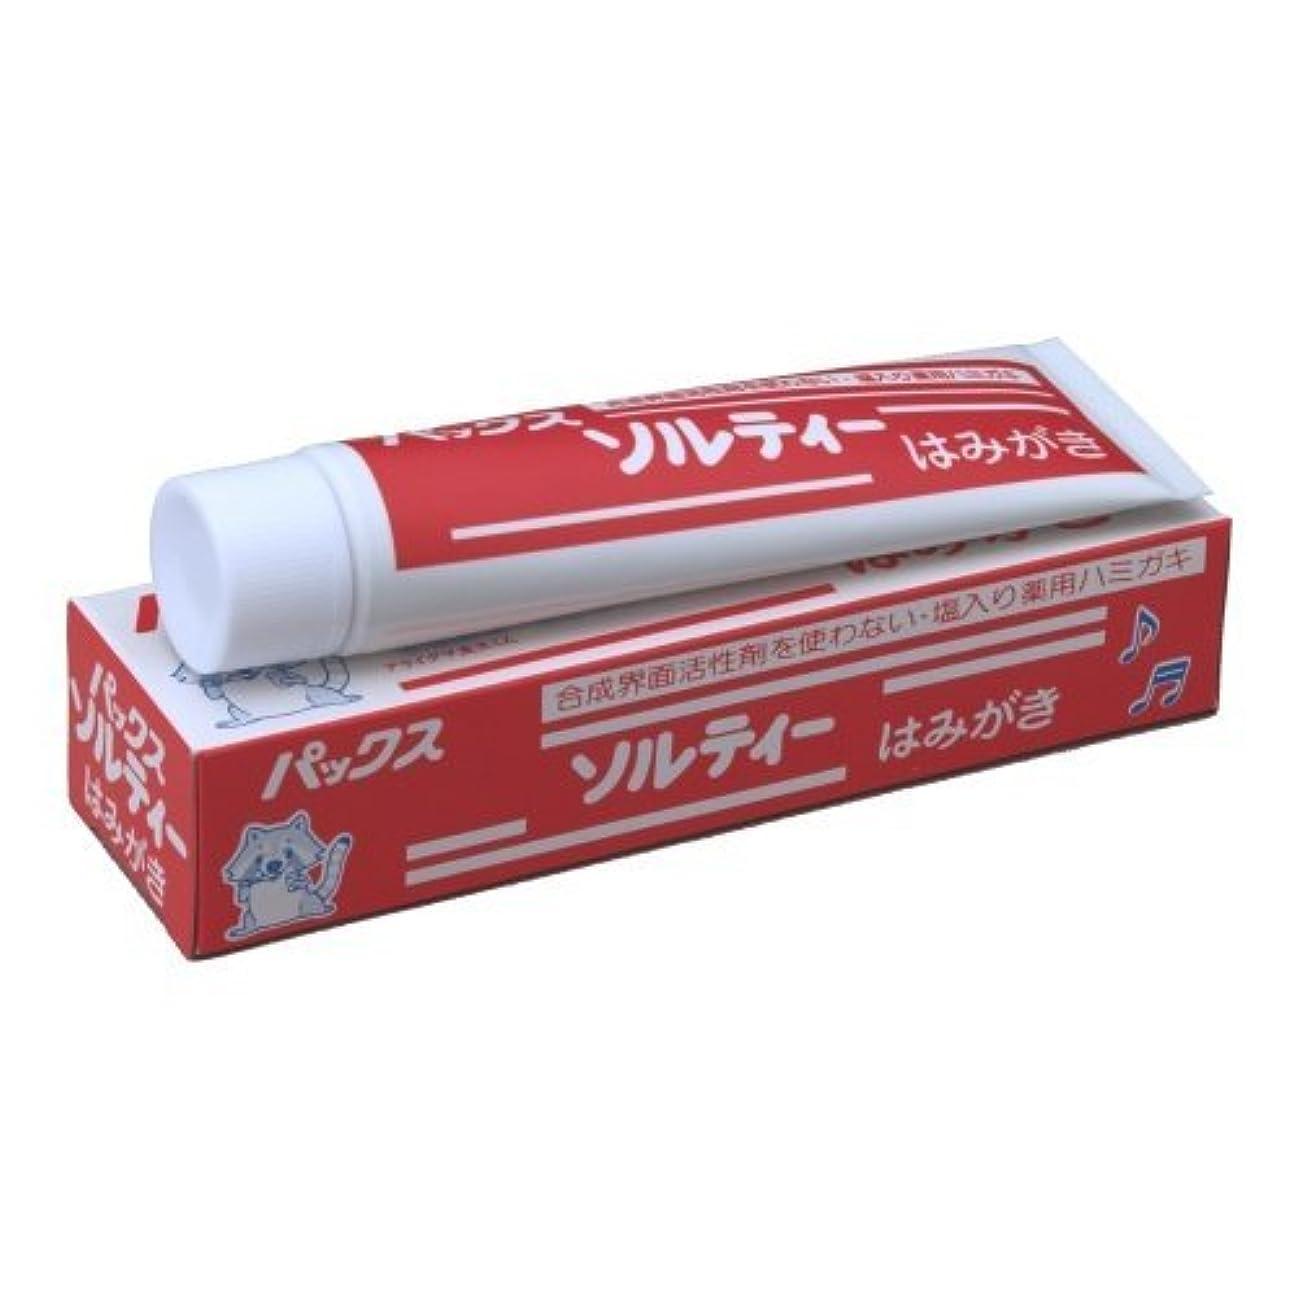 一時停止素敵なバイパスパックスソルティーはみがき 80g (塩歯磨き粉)